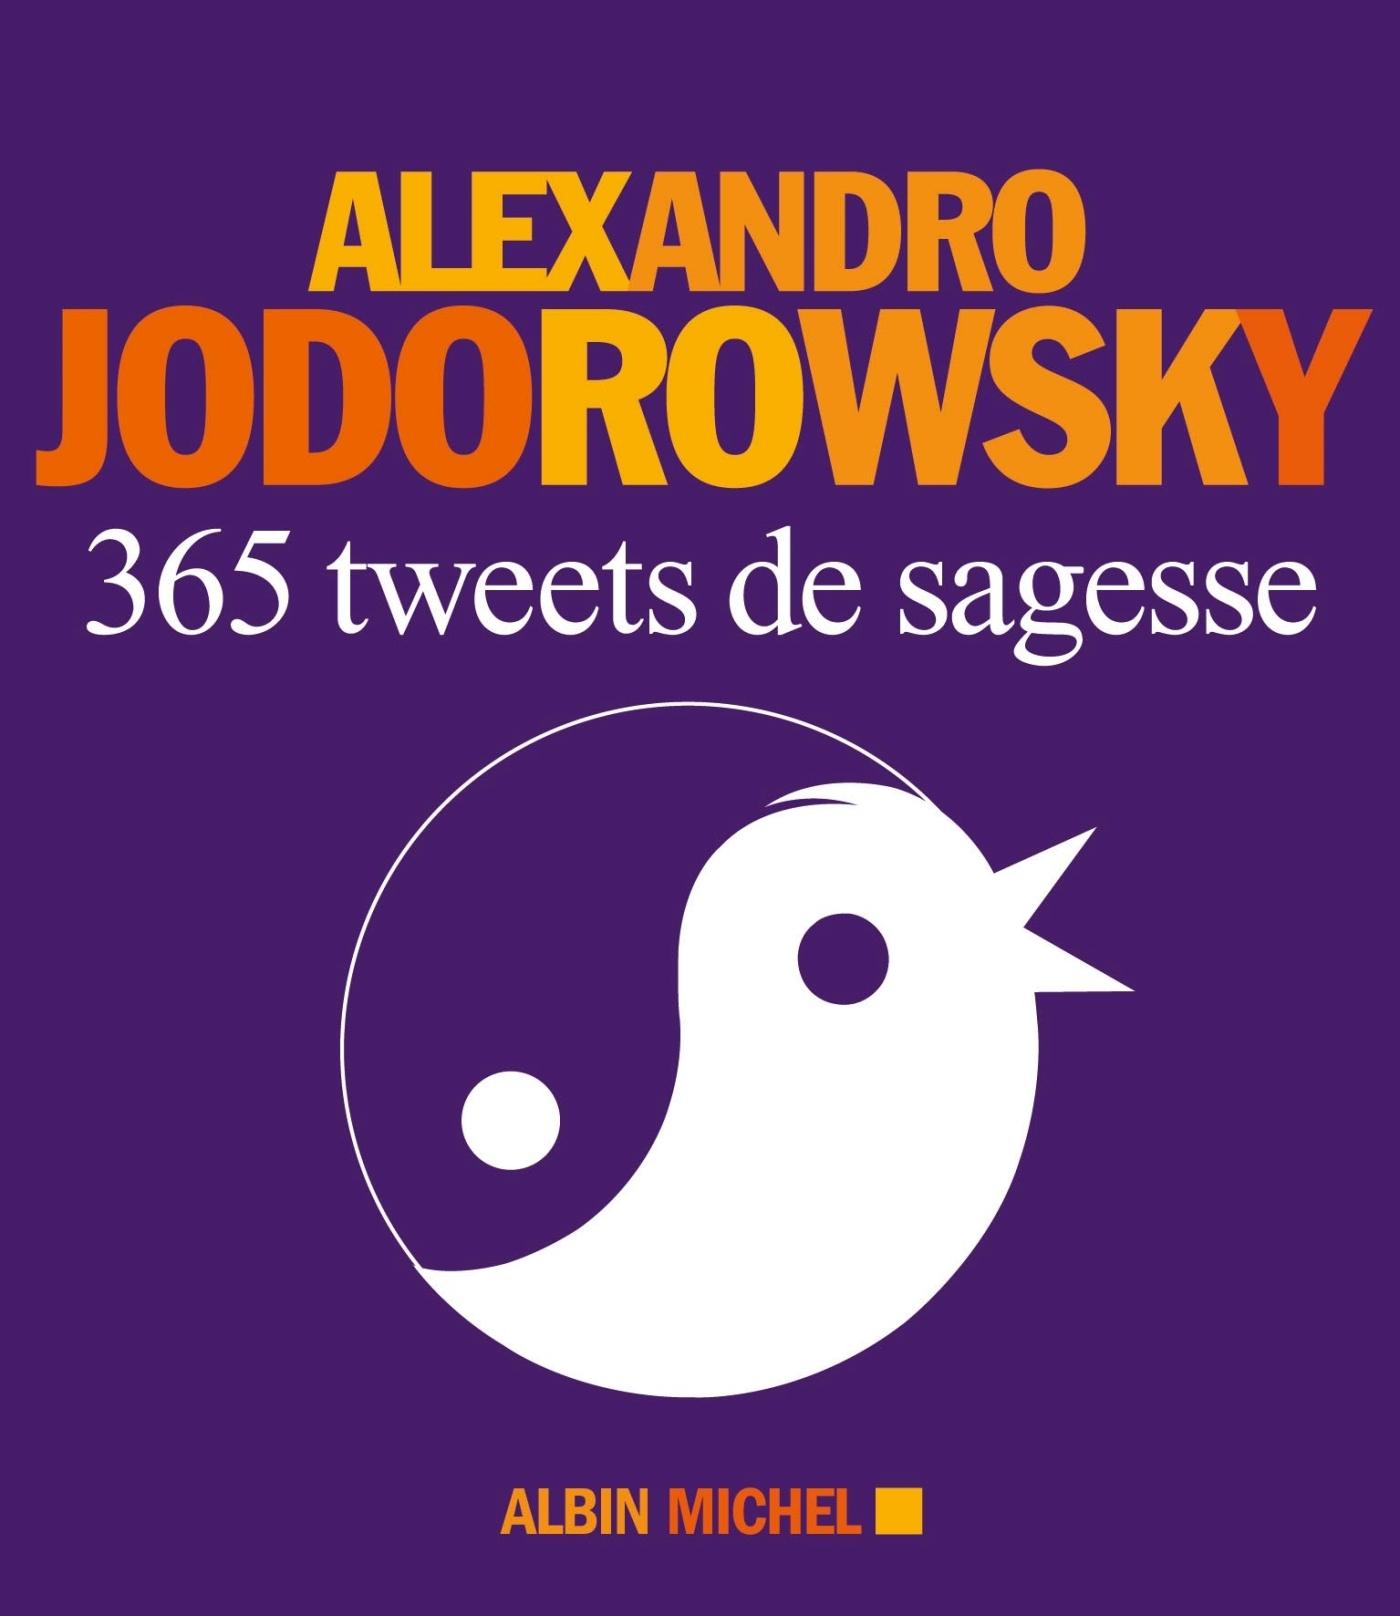 365 TWEETS DE SAGESSE